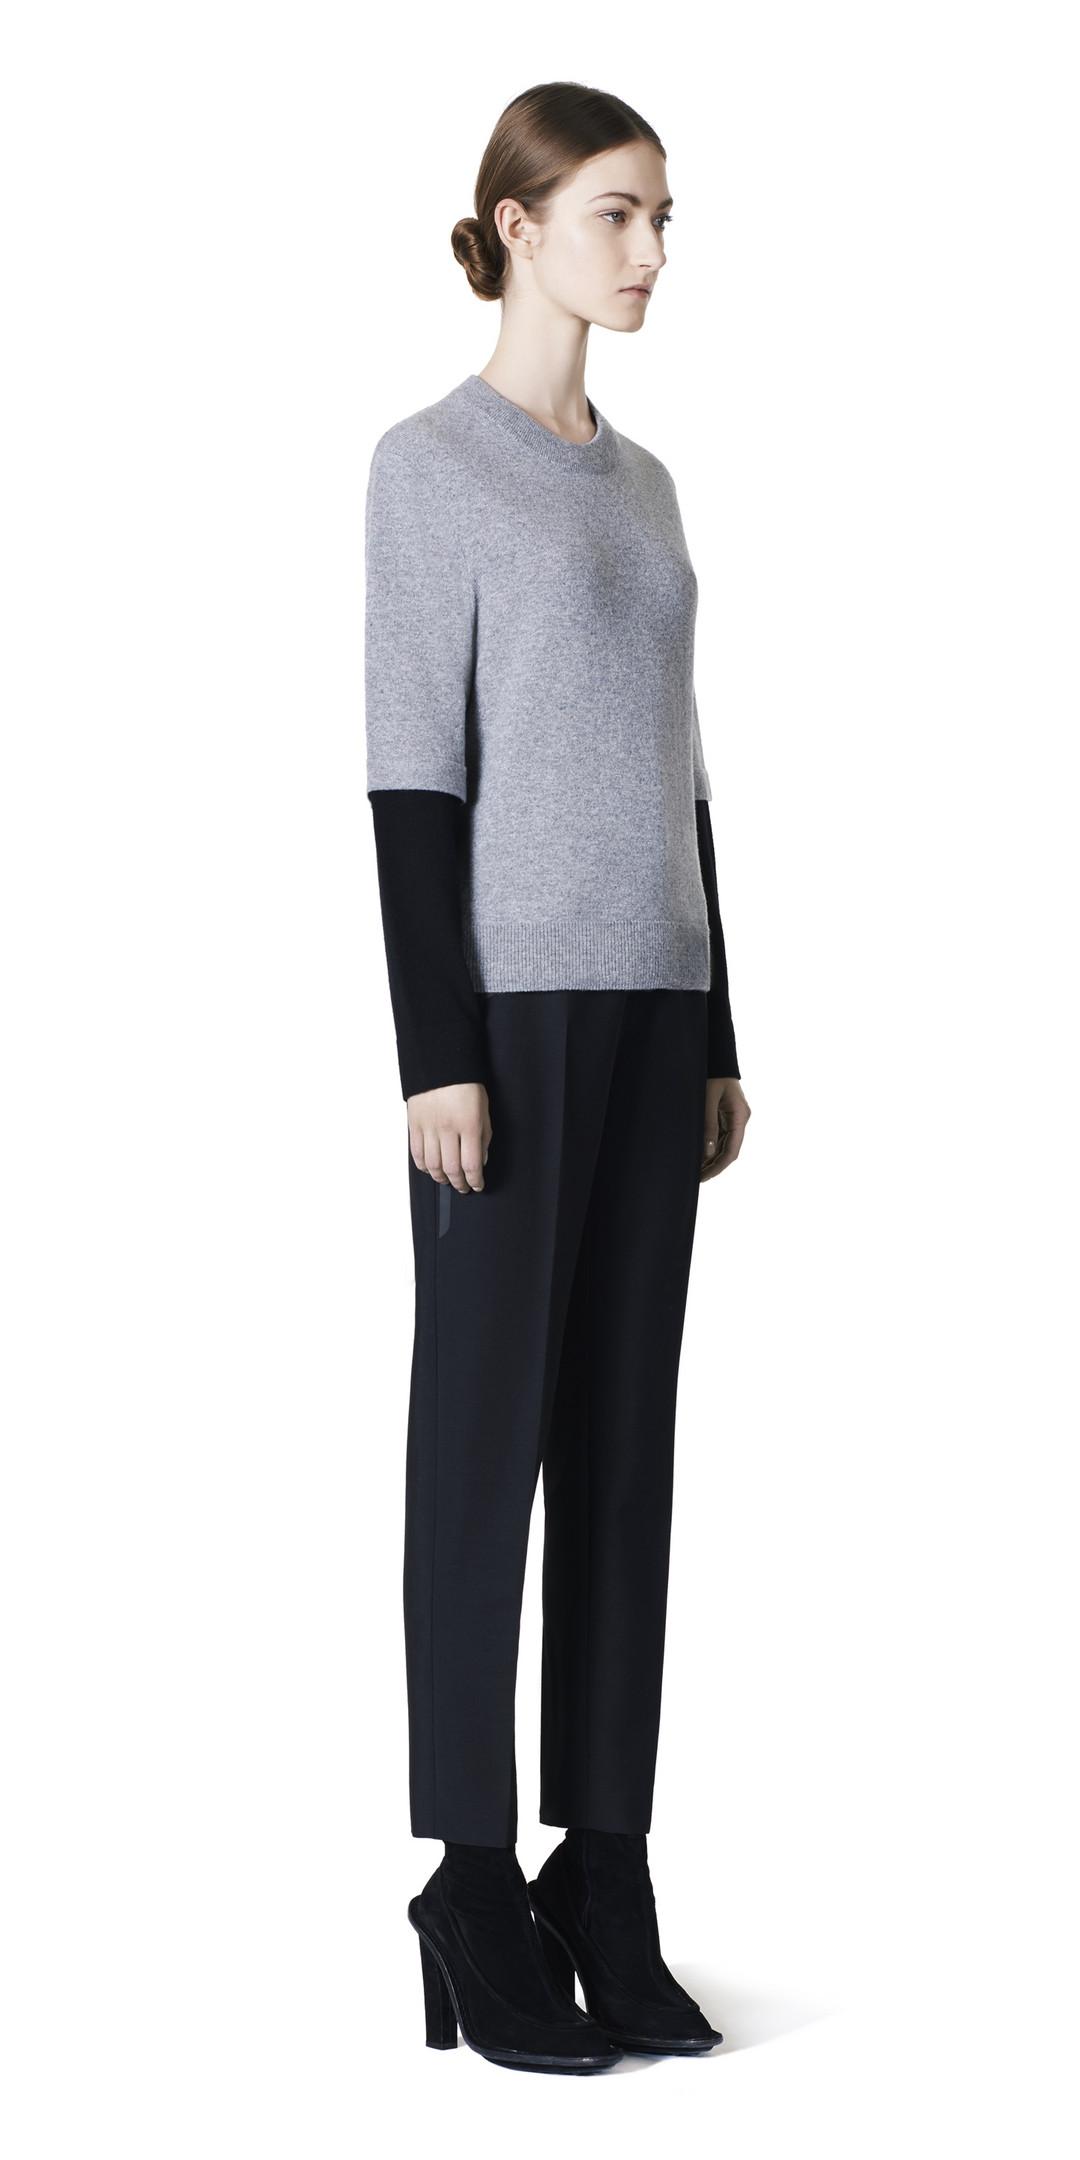 Balenciaga Pullover Girocollo in Cashmere